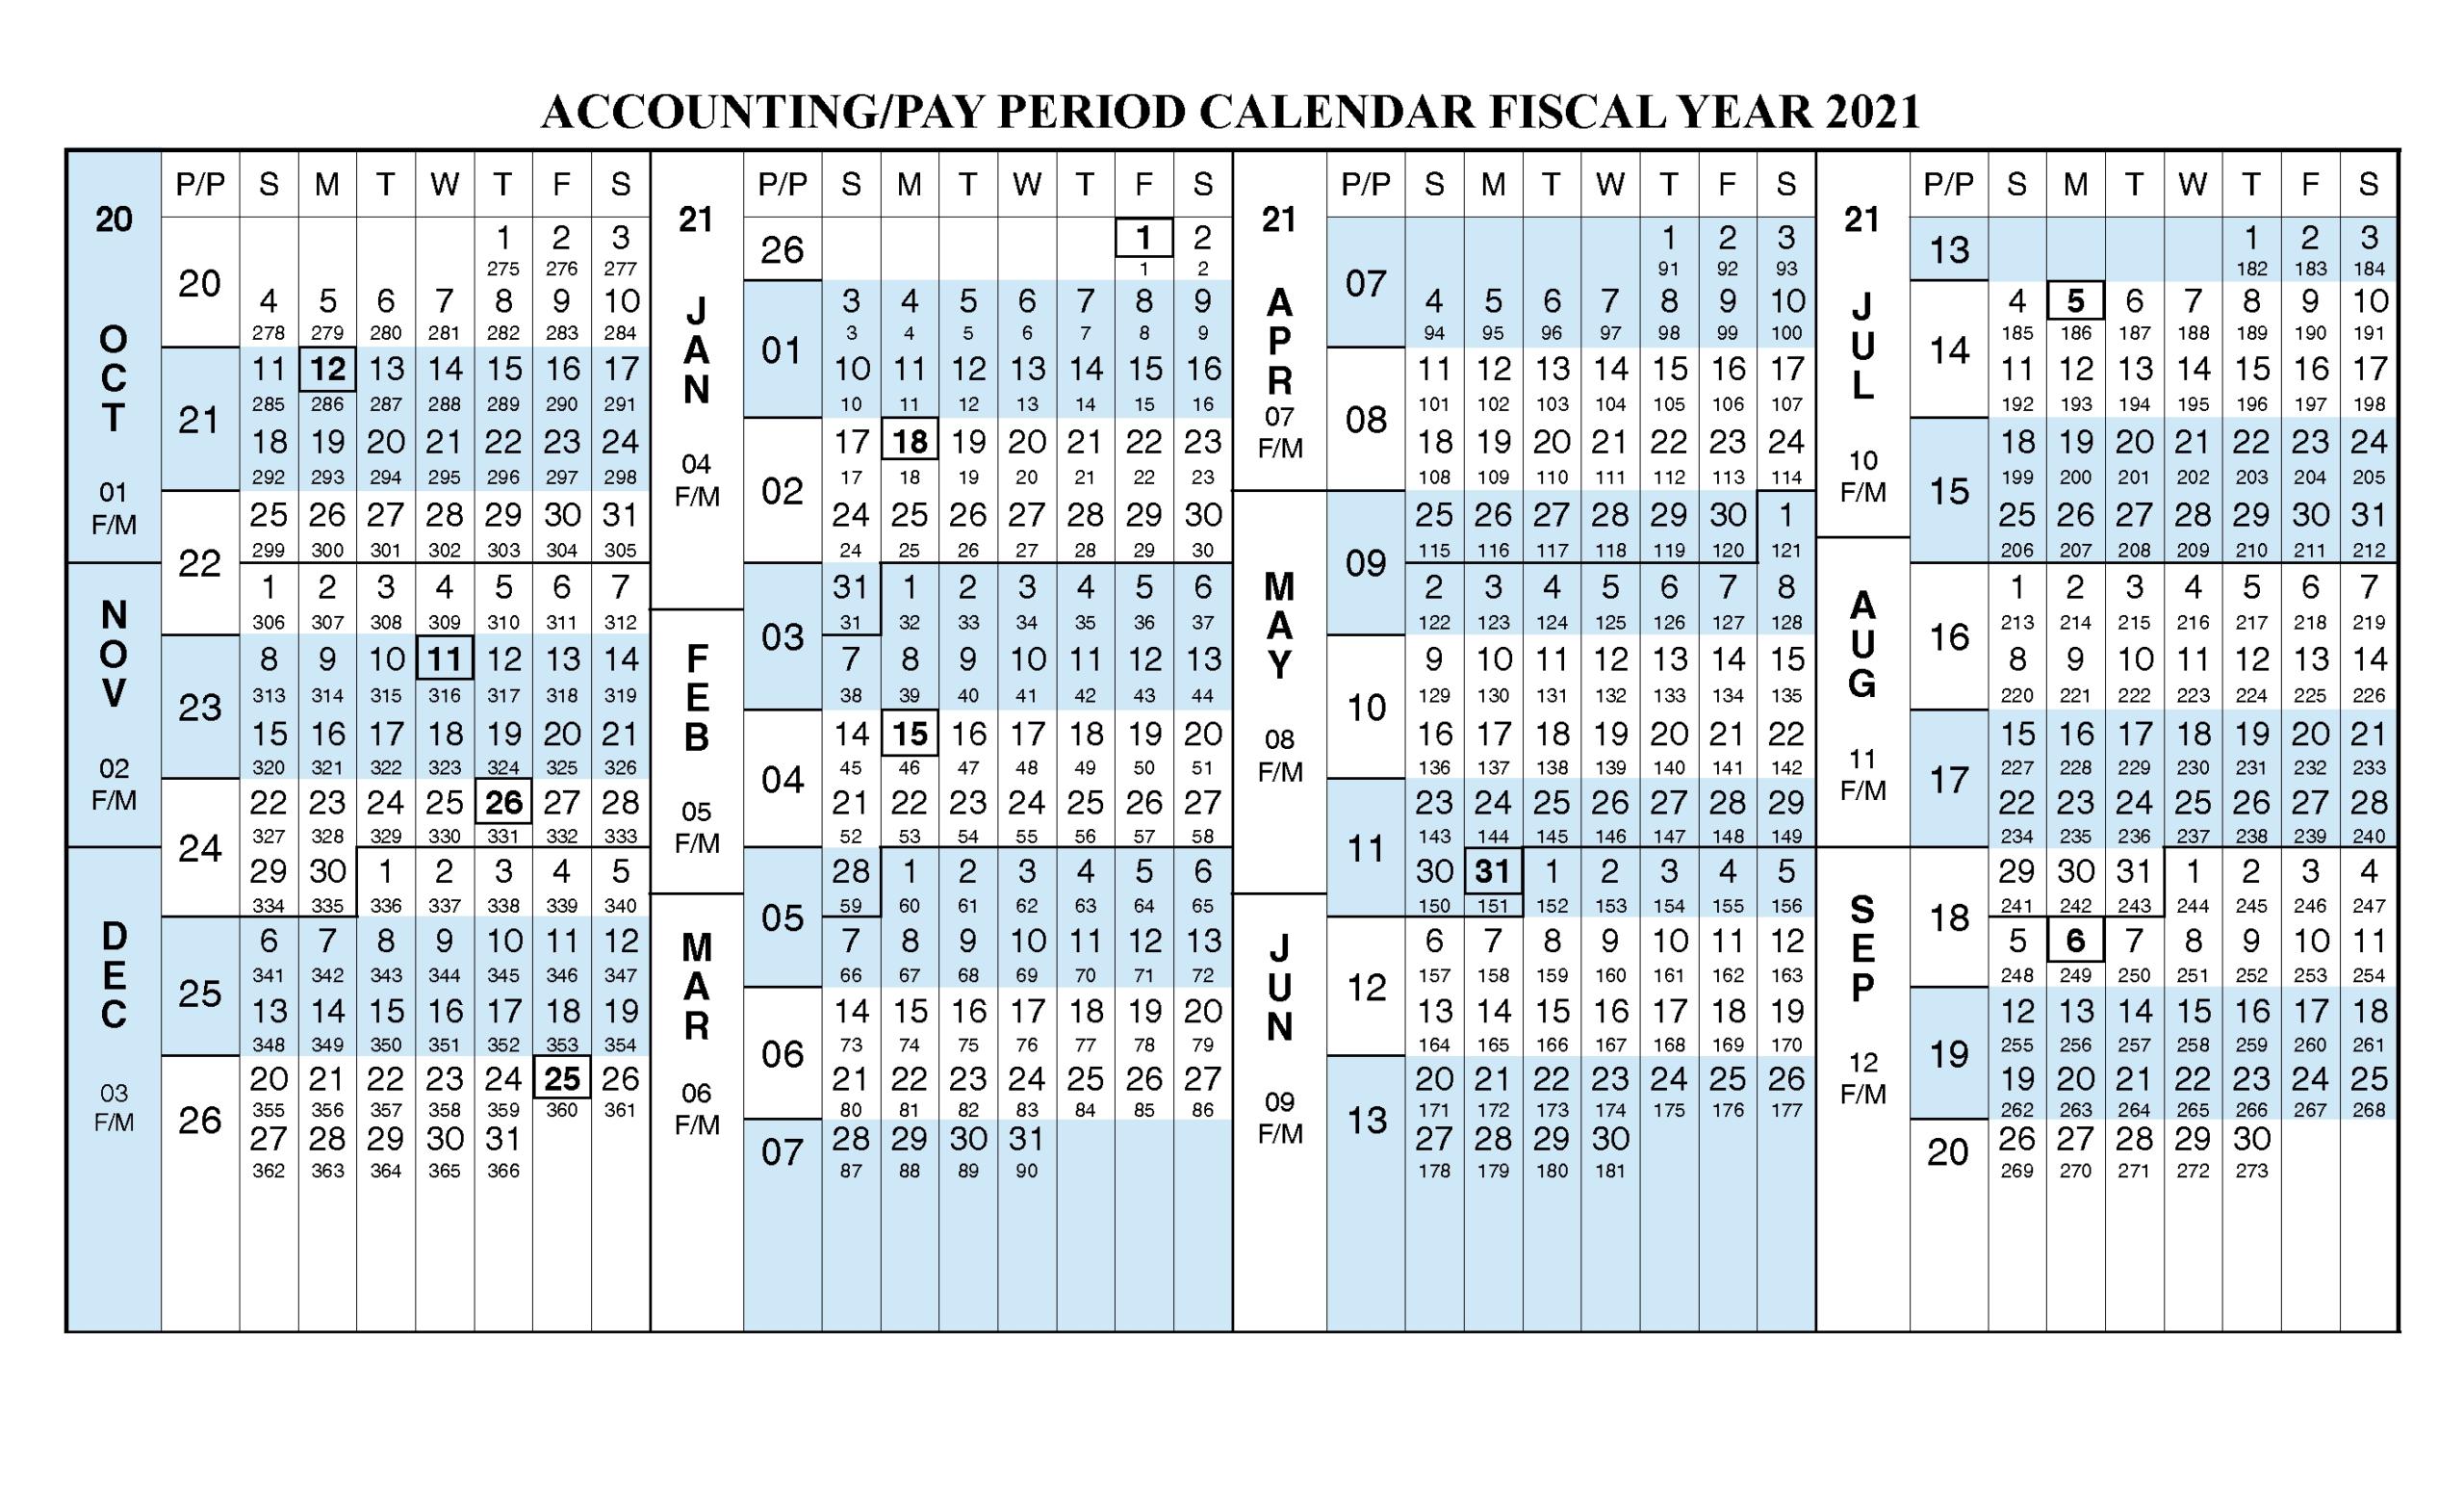 2020 Pay Period Calendar - Template Calendar Design  2021 Fiscal Year Julian Calendar